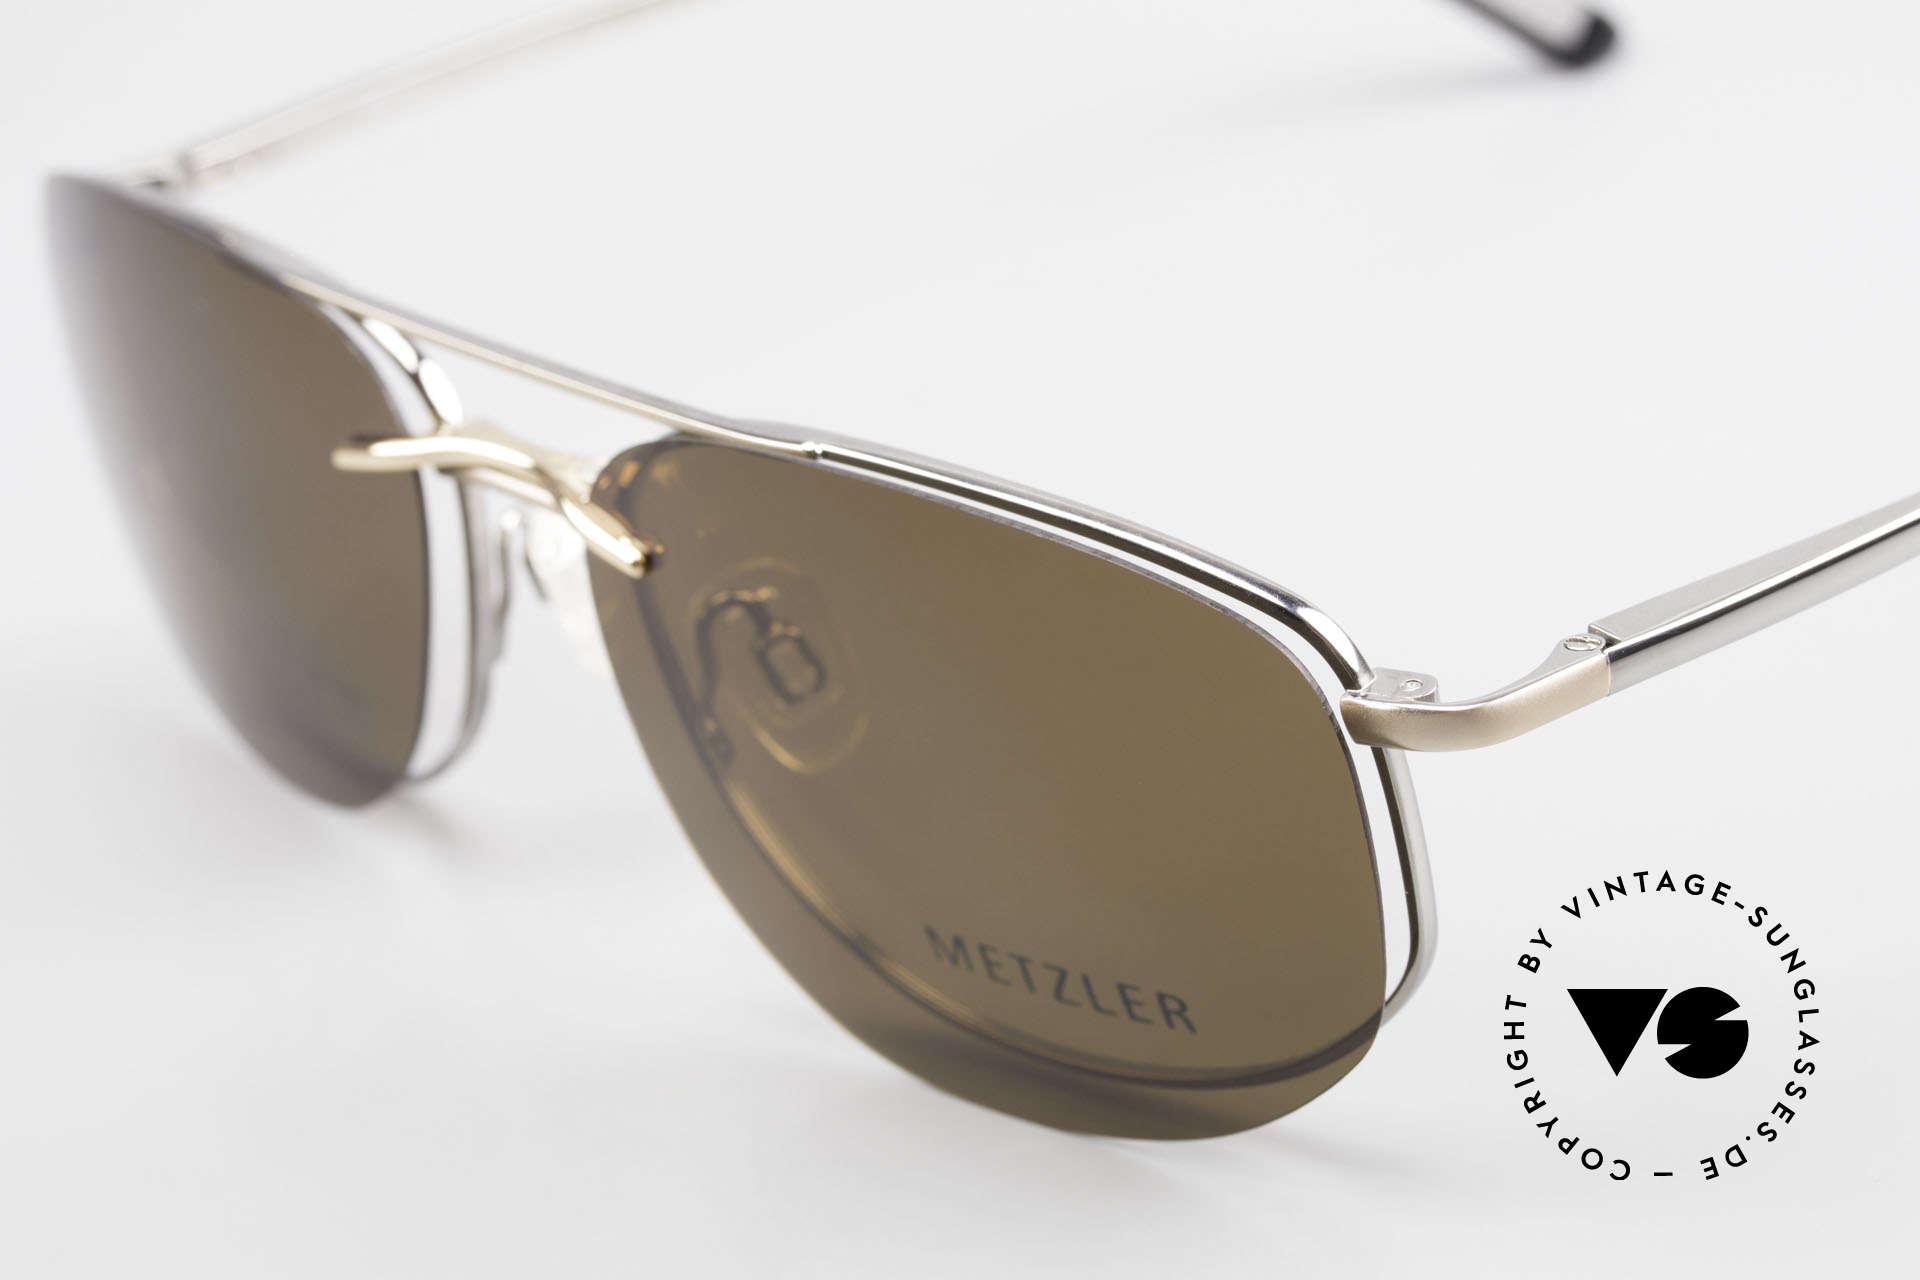 Metzler 1715 Titanbrille 90er Polarisierend, ein Original aus den 90ern mit magnetischem Clip-On, Passend für Herren